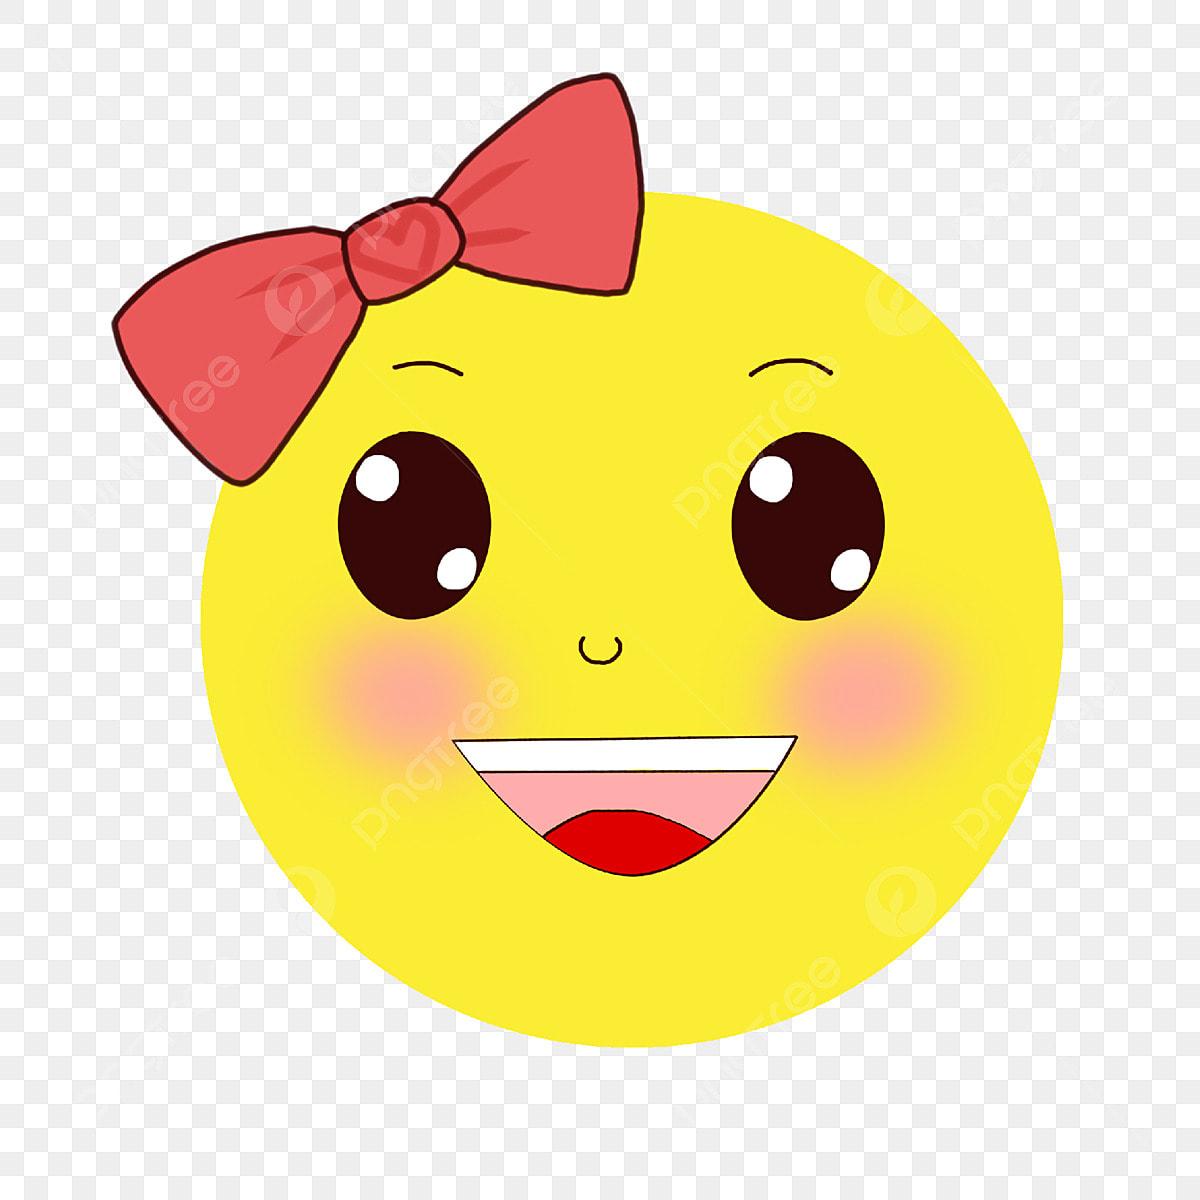 Carita Sonriente Png